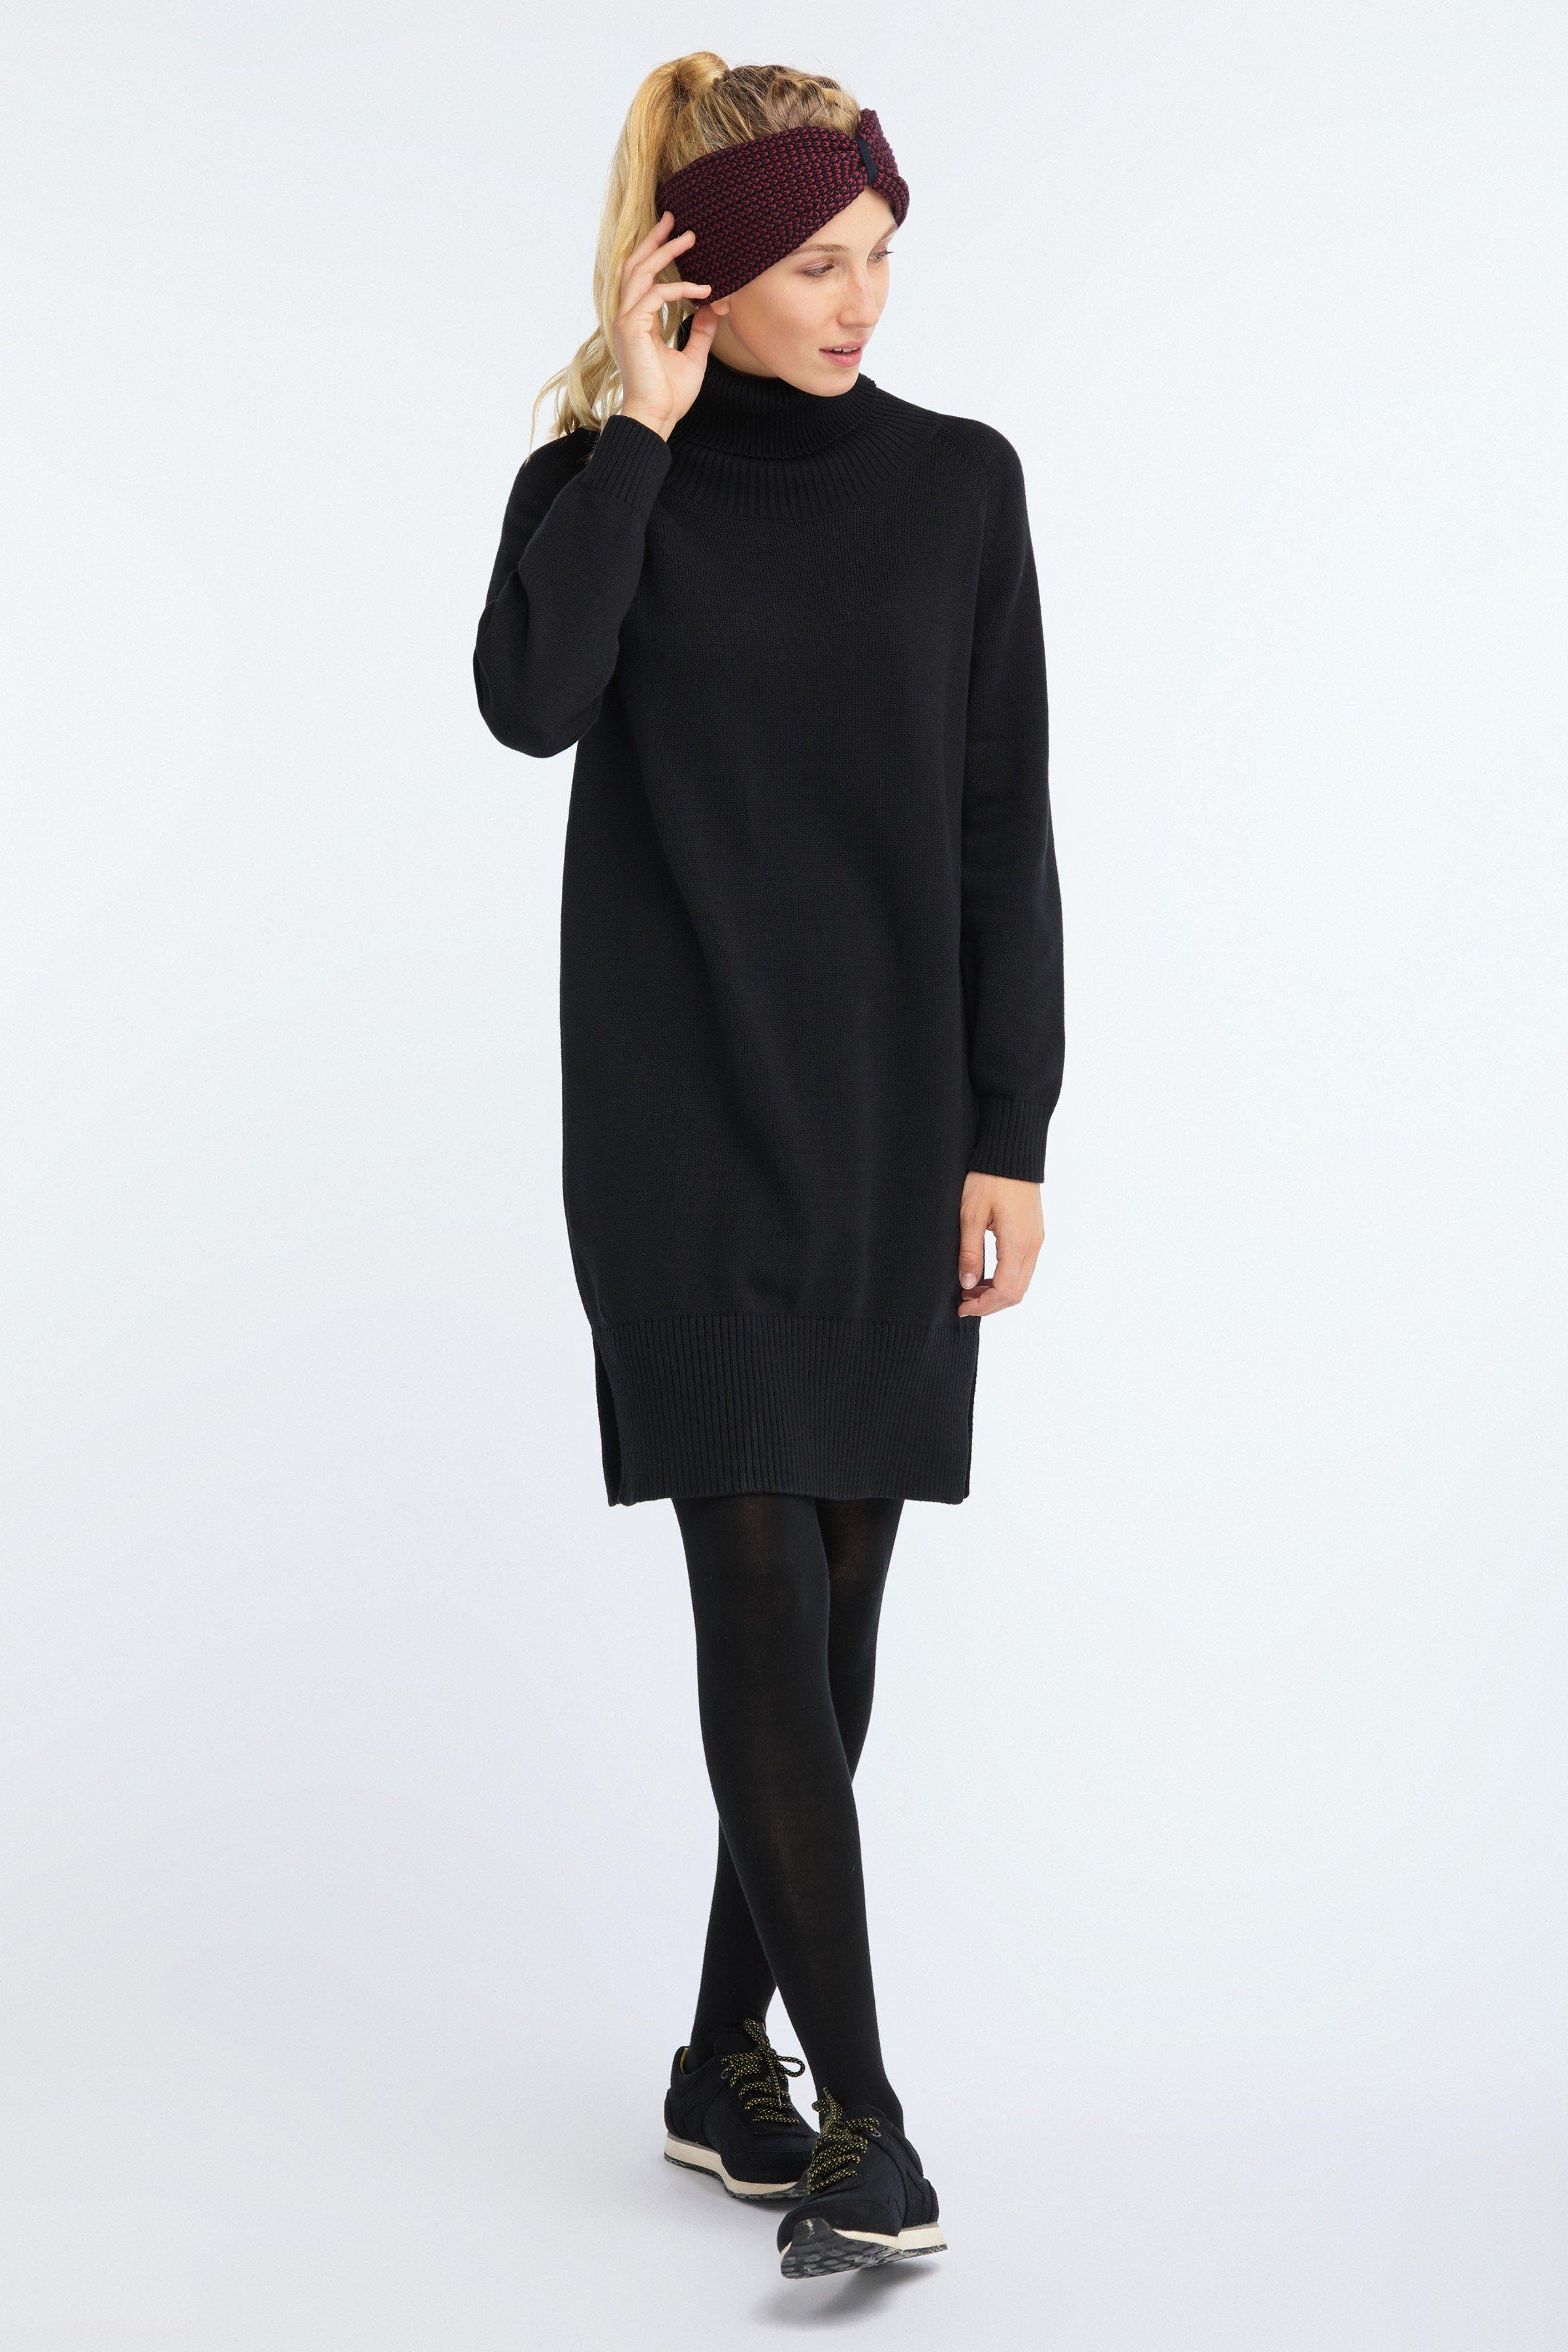 Kleid Raglan Turtleneck Knit Schwarz